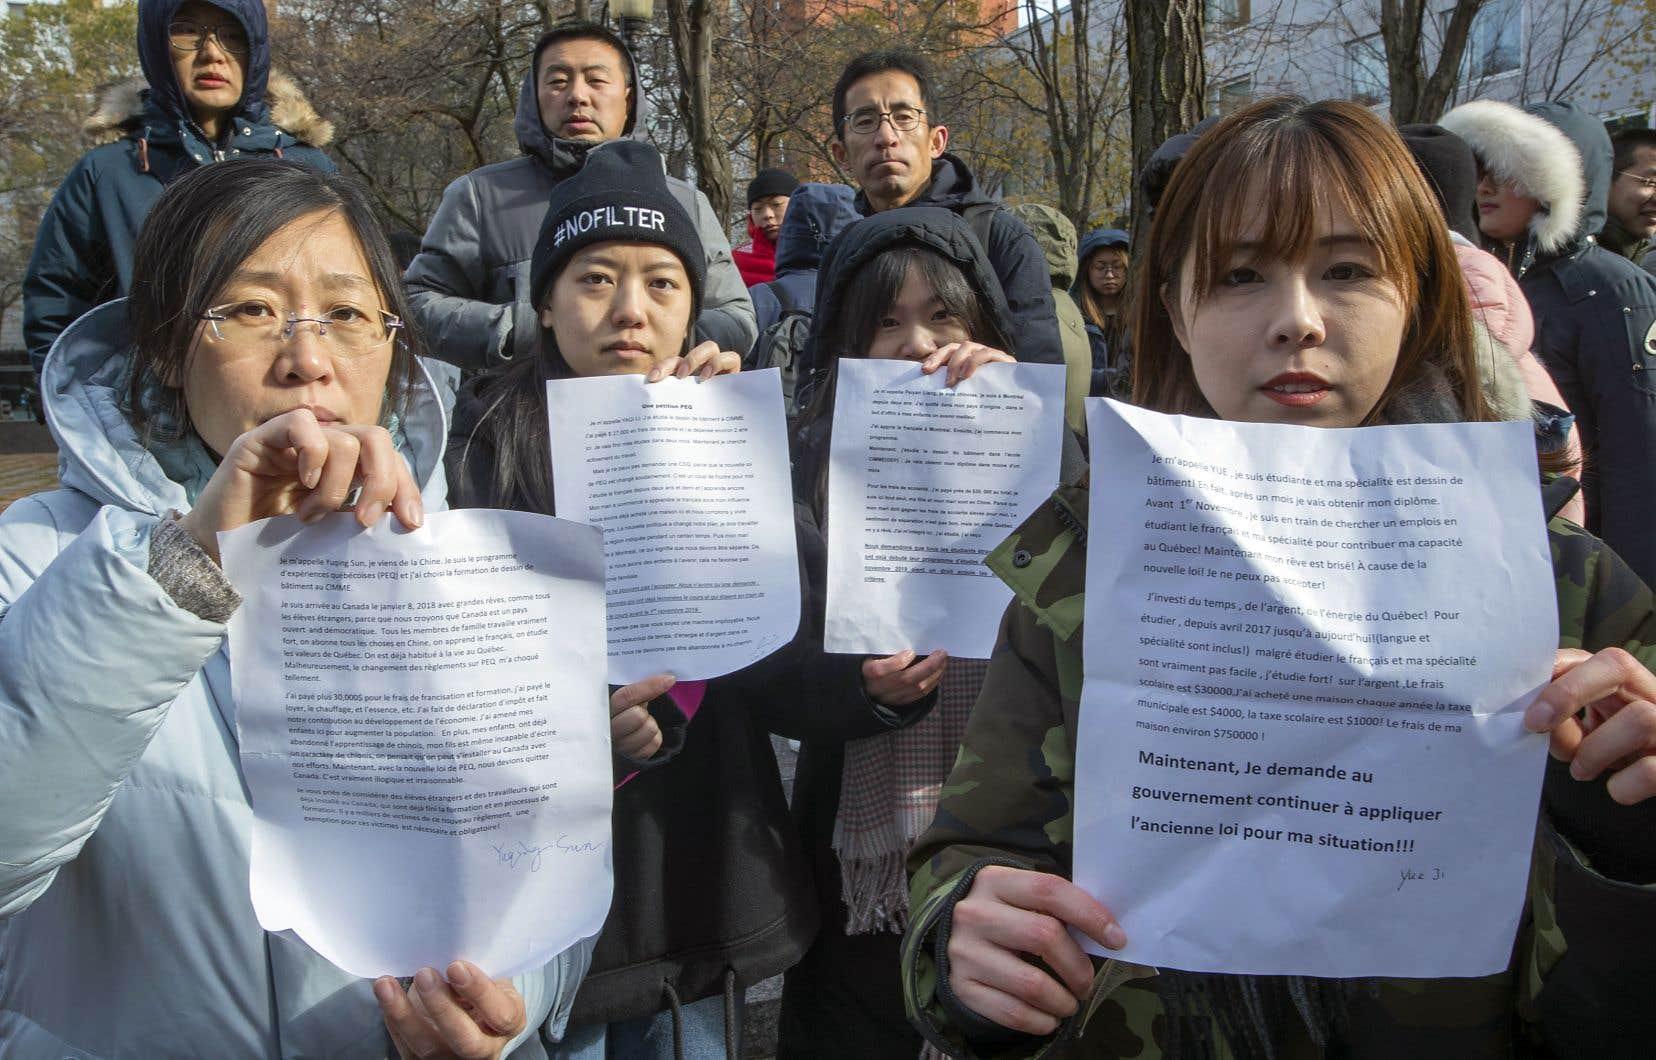 Vendredi matin, des étudiants étrangers s'étaient réunis Place de la Paix, à Montréal, pour manifester leur opposition au règlement et réclamer le retour au système qui prévalait jusqu'à présent. En fin de journée, le gouvernement a annoncé qu'il suspendait son règlement.